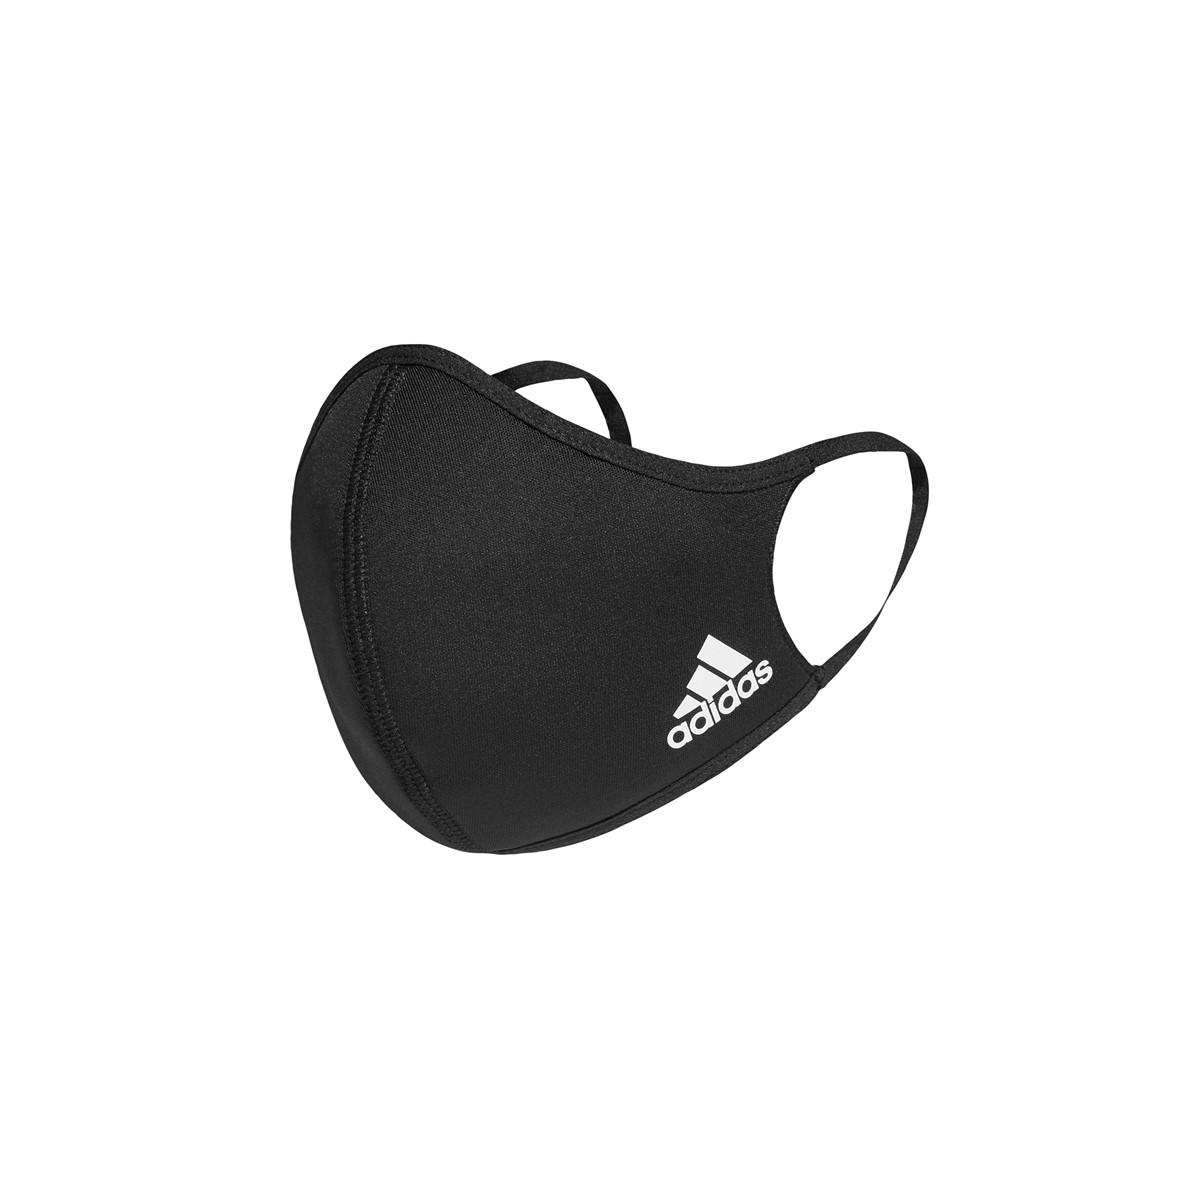 Men's 3-Pair Face CVR Mask in Black